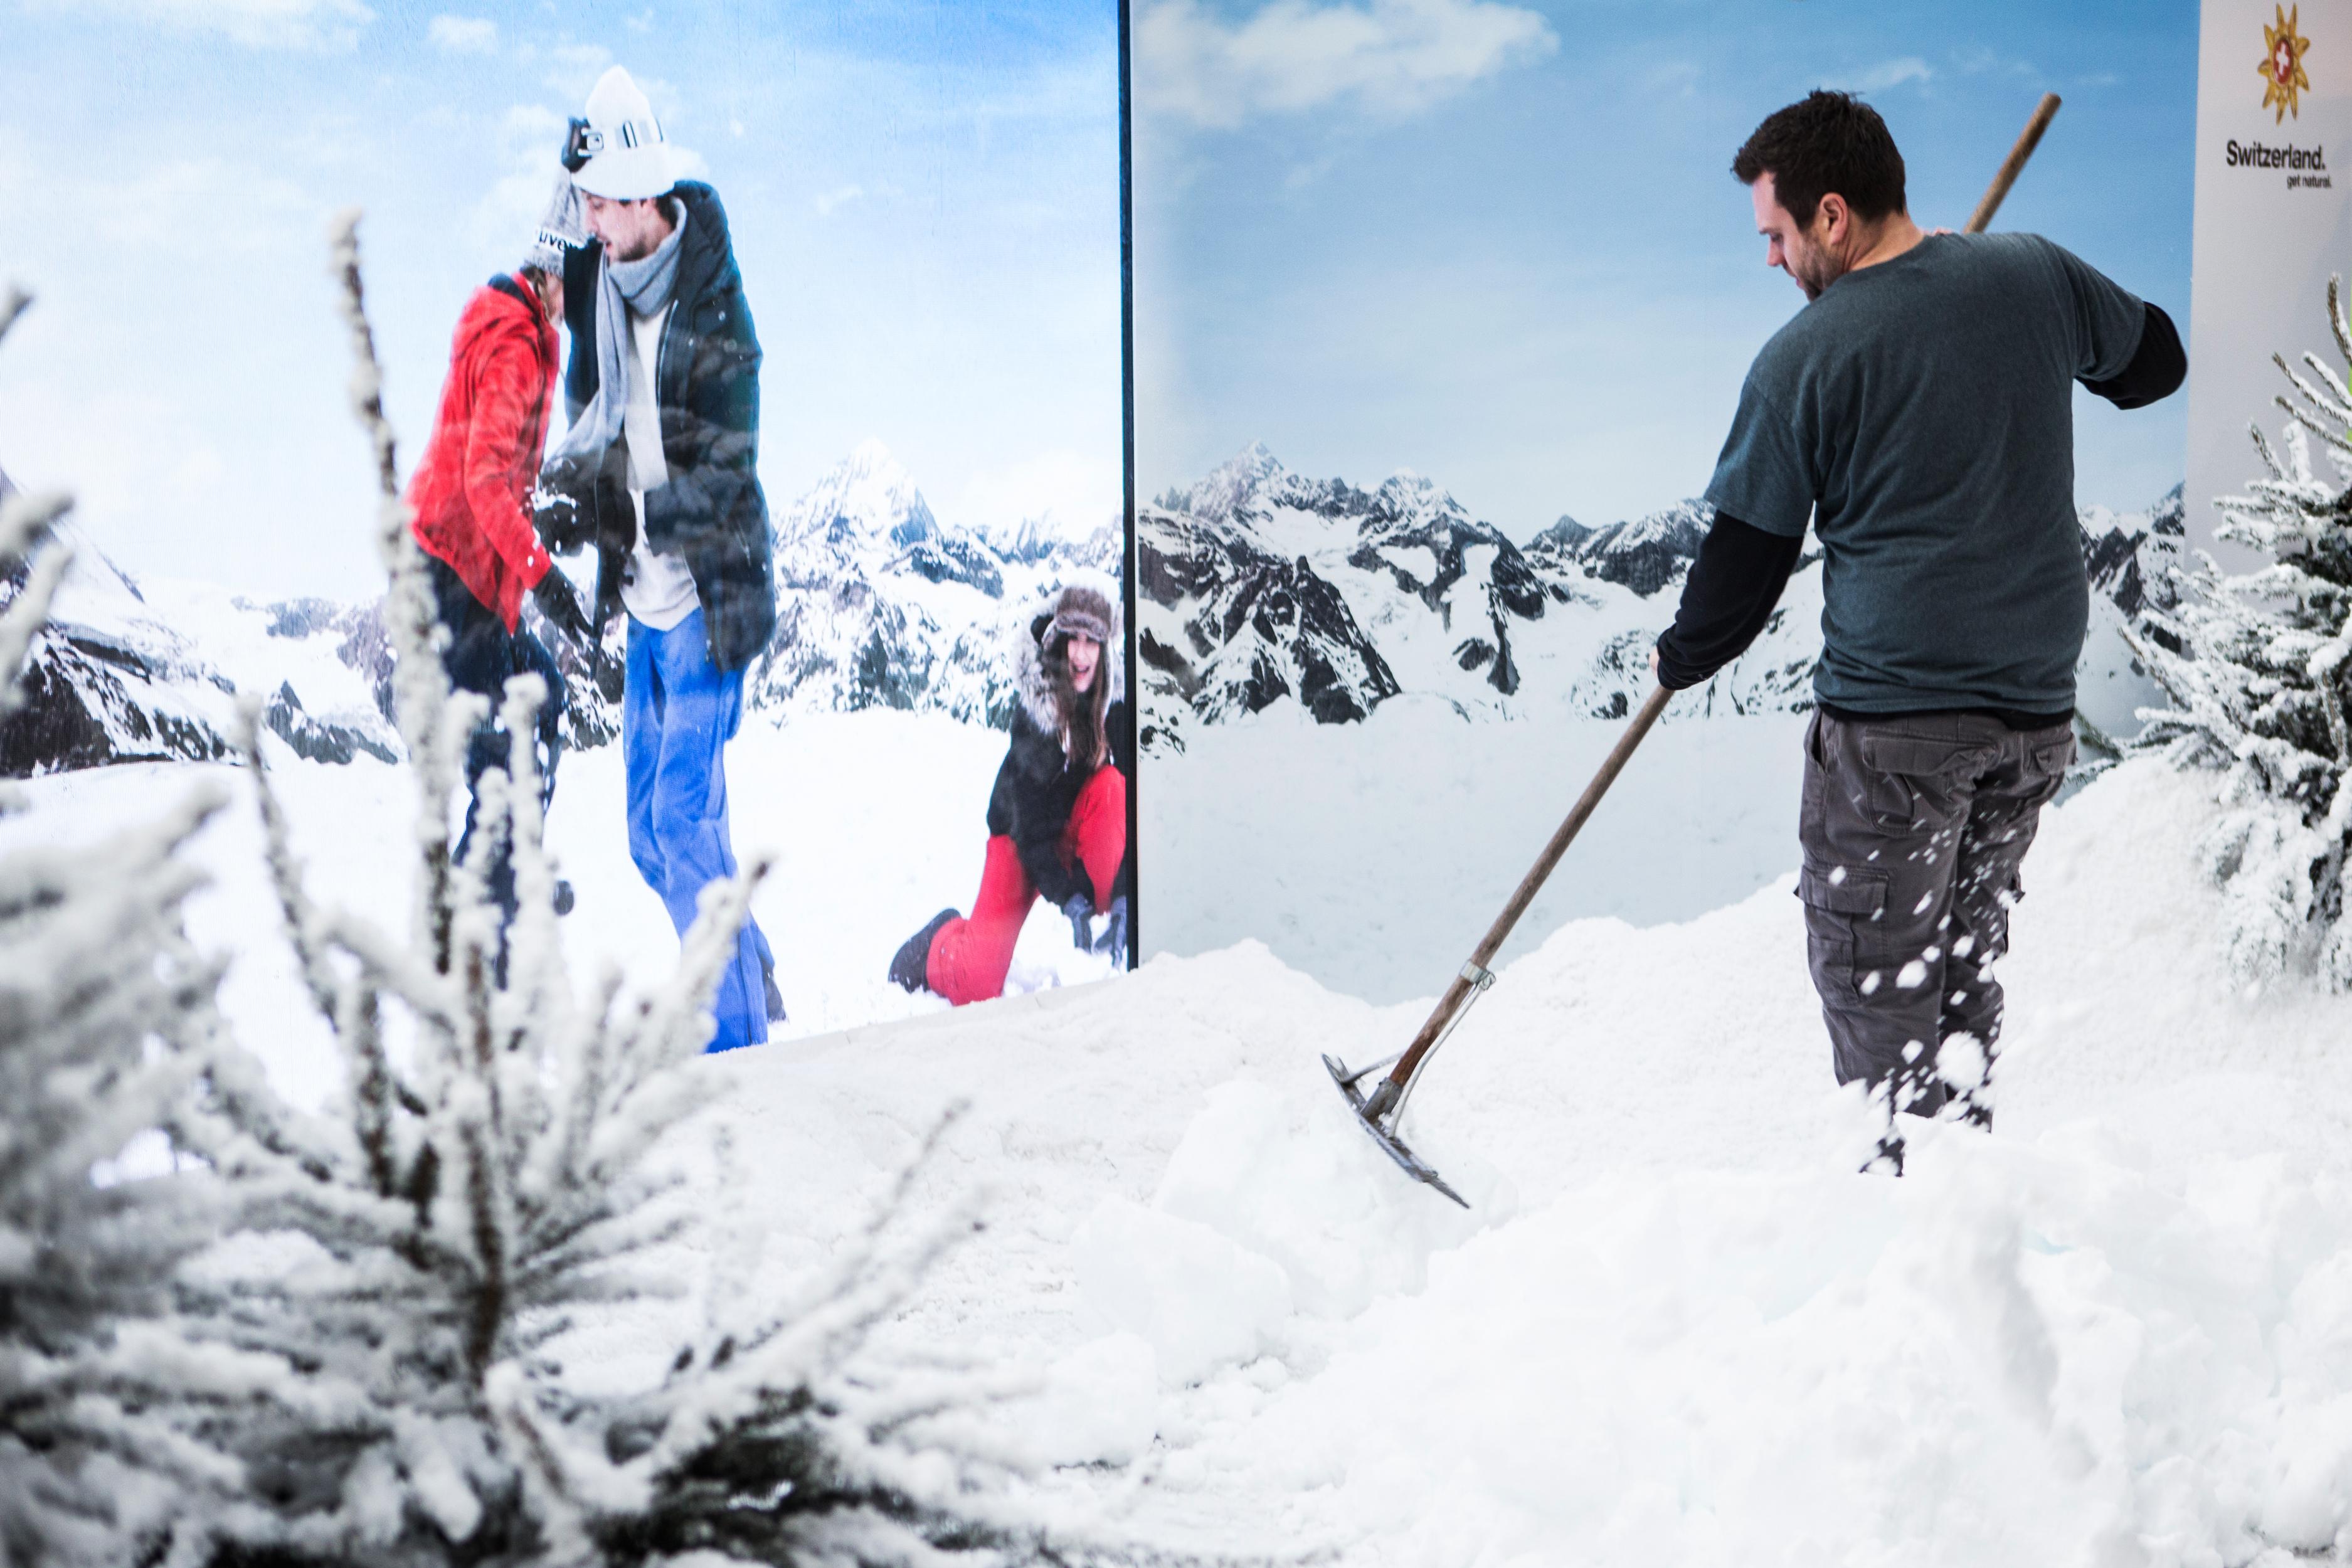 swiss air snowball interactive winter wonderland installation